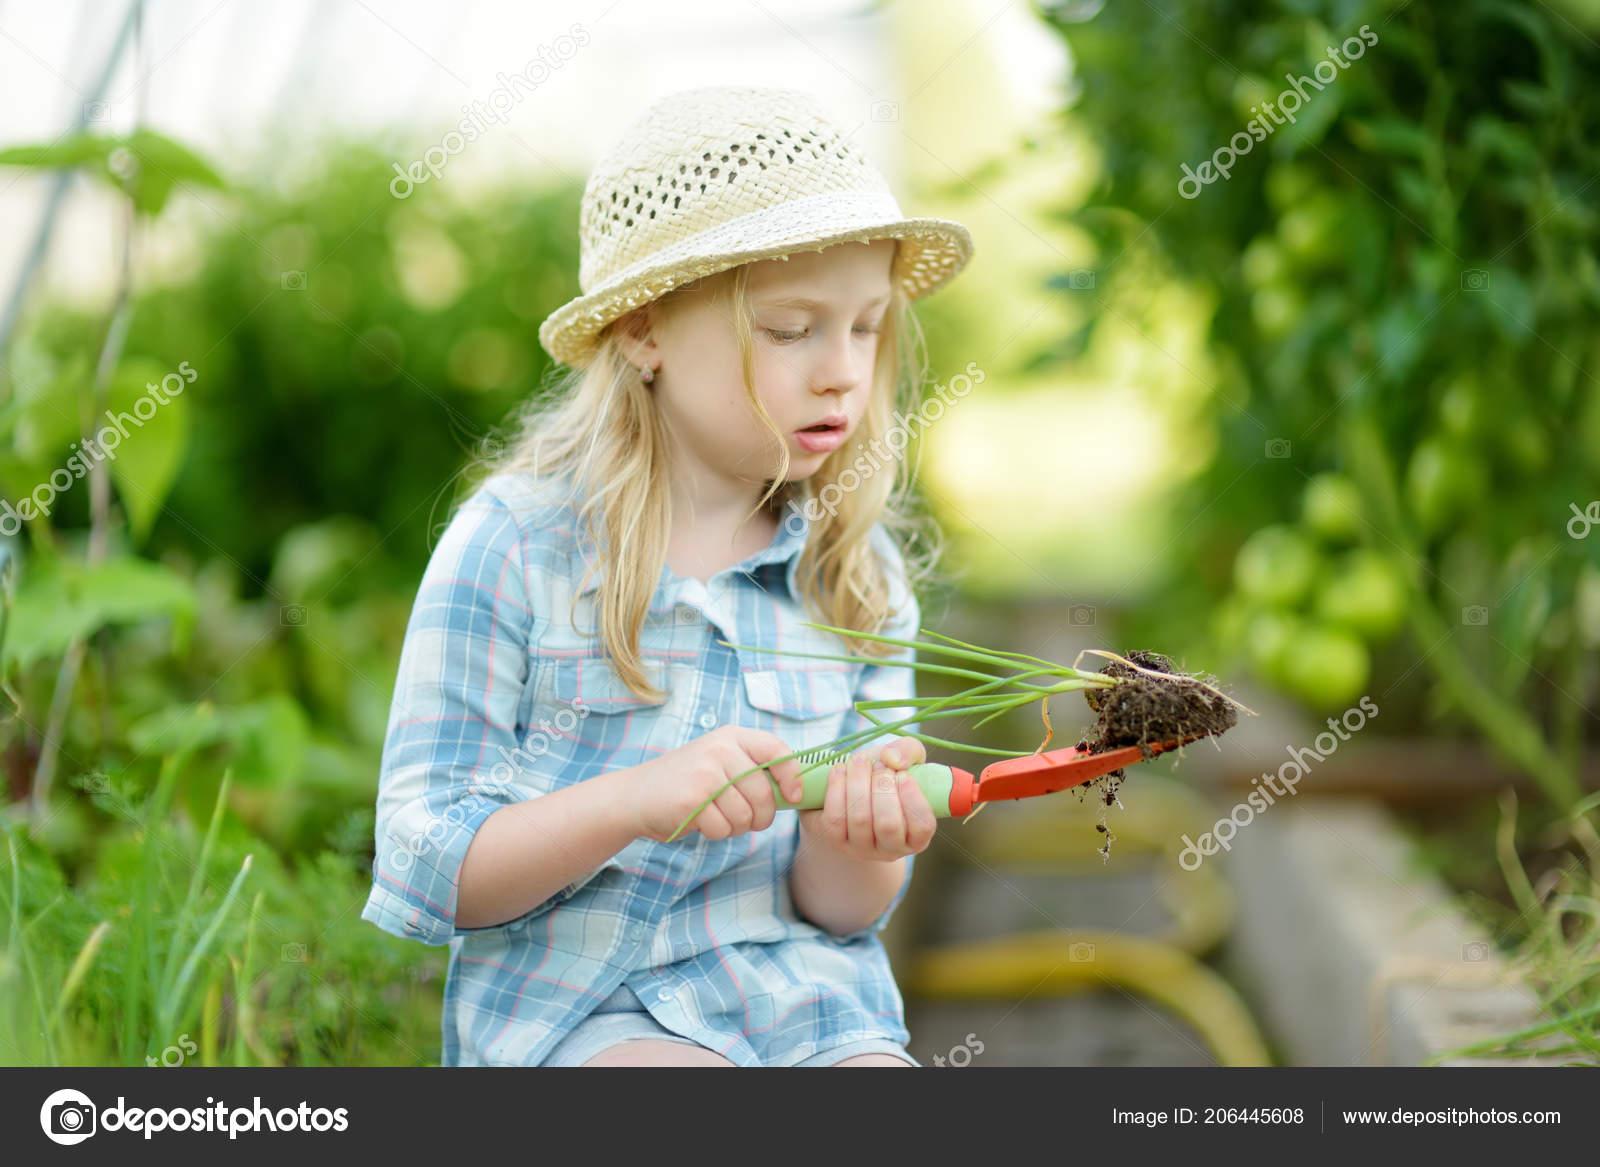 Bambina adorabile indossando il cappello di paglia che gioca con suoi  attrezzi da giardino giocattolo in una serra sulla giornata di sole estivo. 75f7baf3a4a0